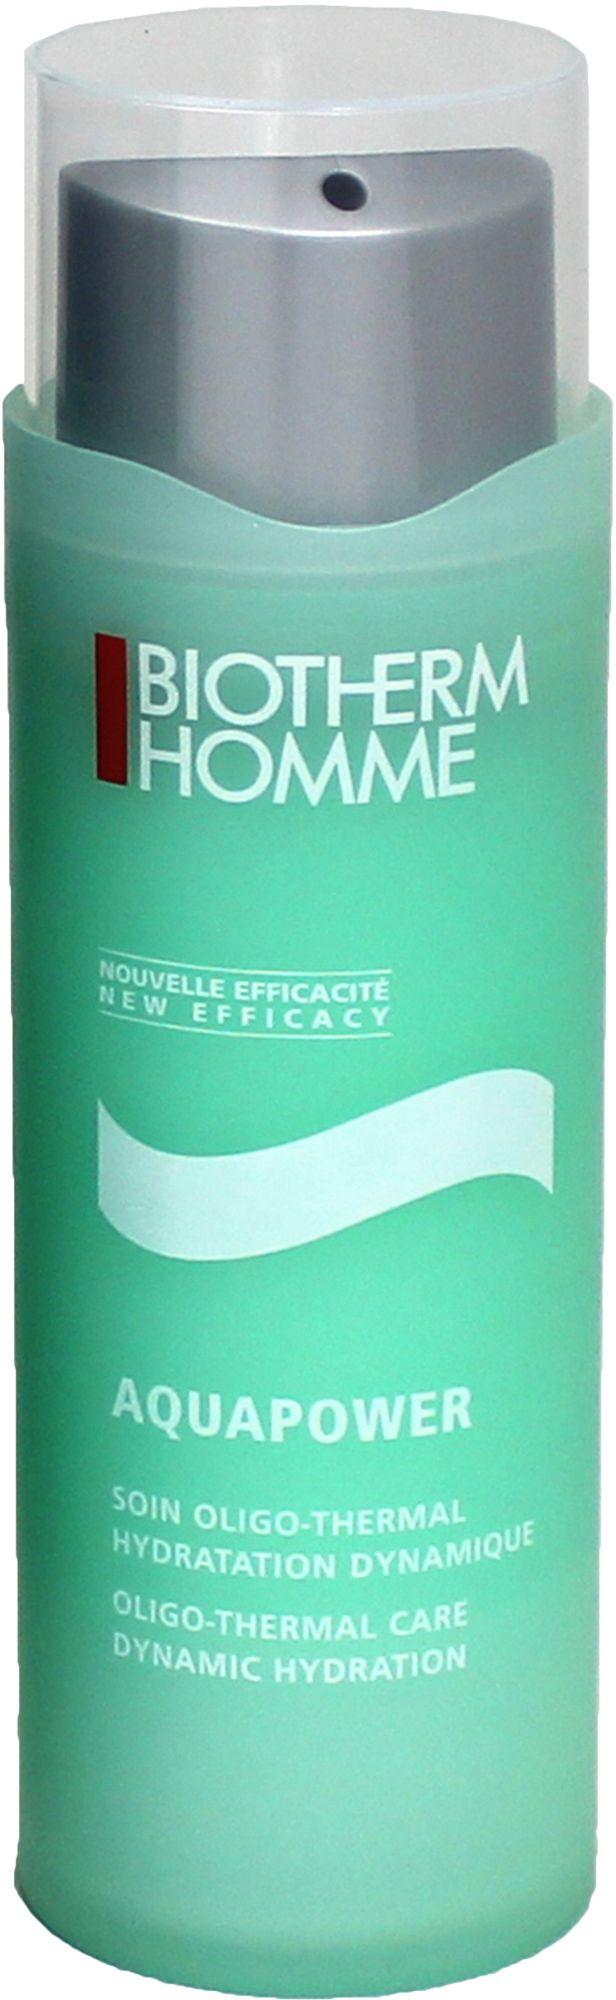 BIOTHERM Biotherm Homme, »Aquapower«, Feuchtigkeitspendendes Gesichtspflegegel